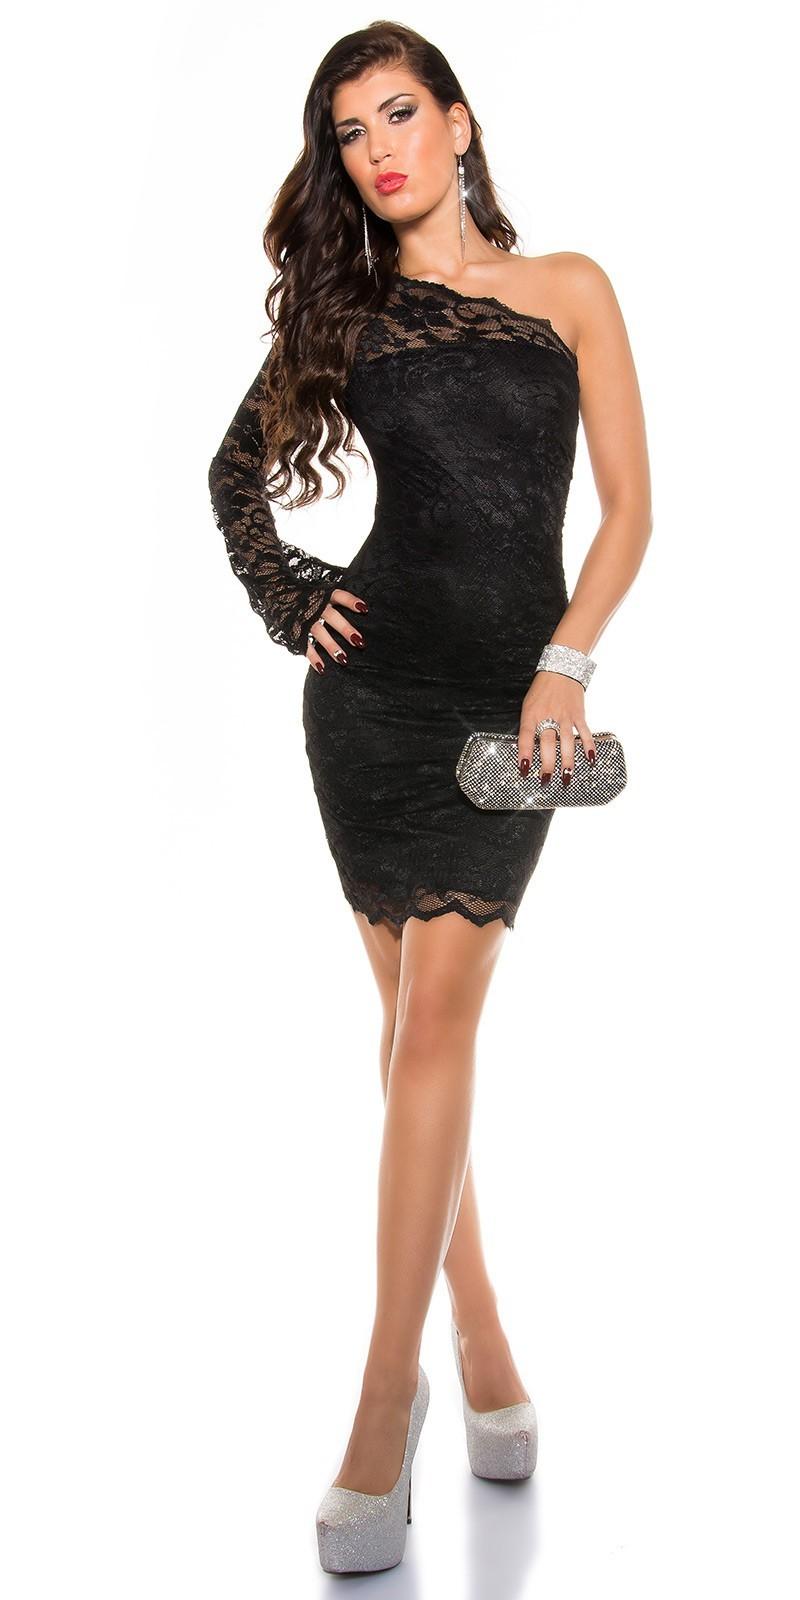 bd47e4b23de8 Čipkované šaty s 1 rukávom KouCla Dress Black – Sissy Boutique